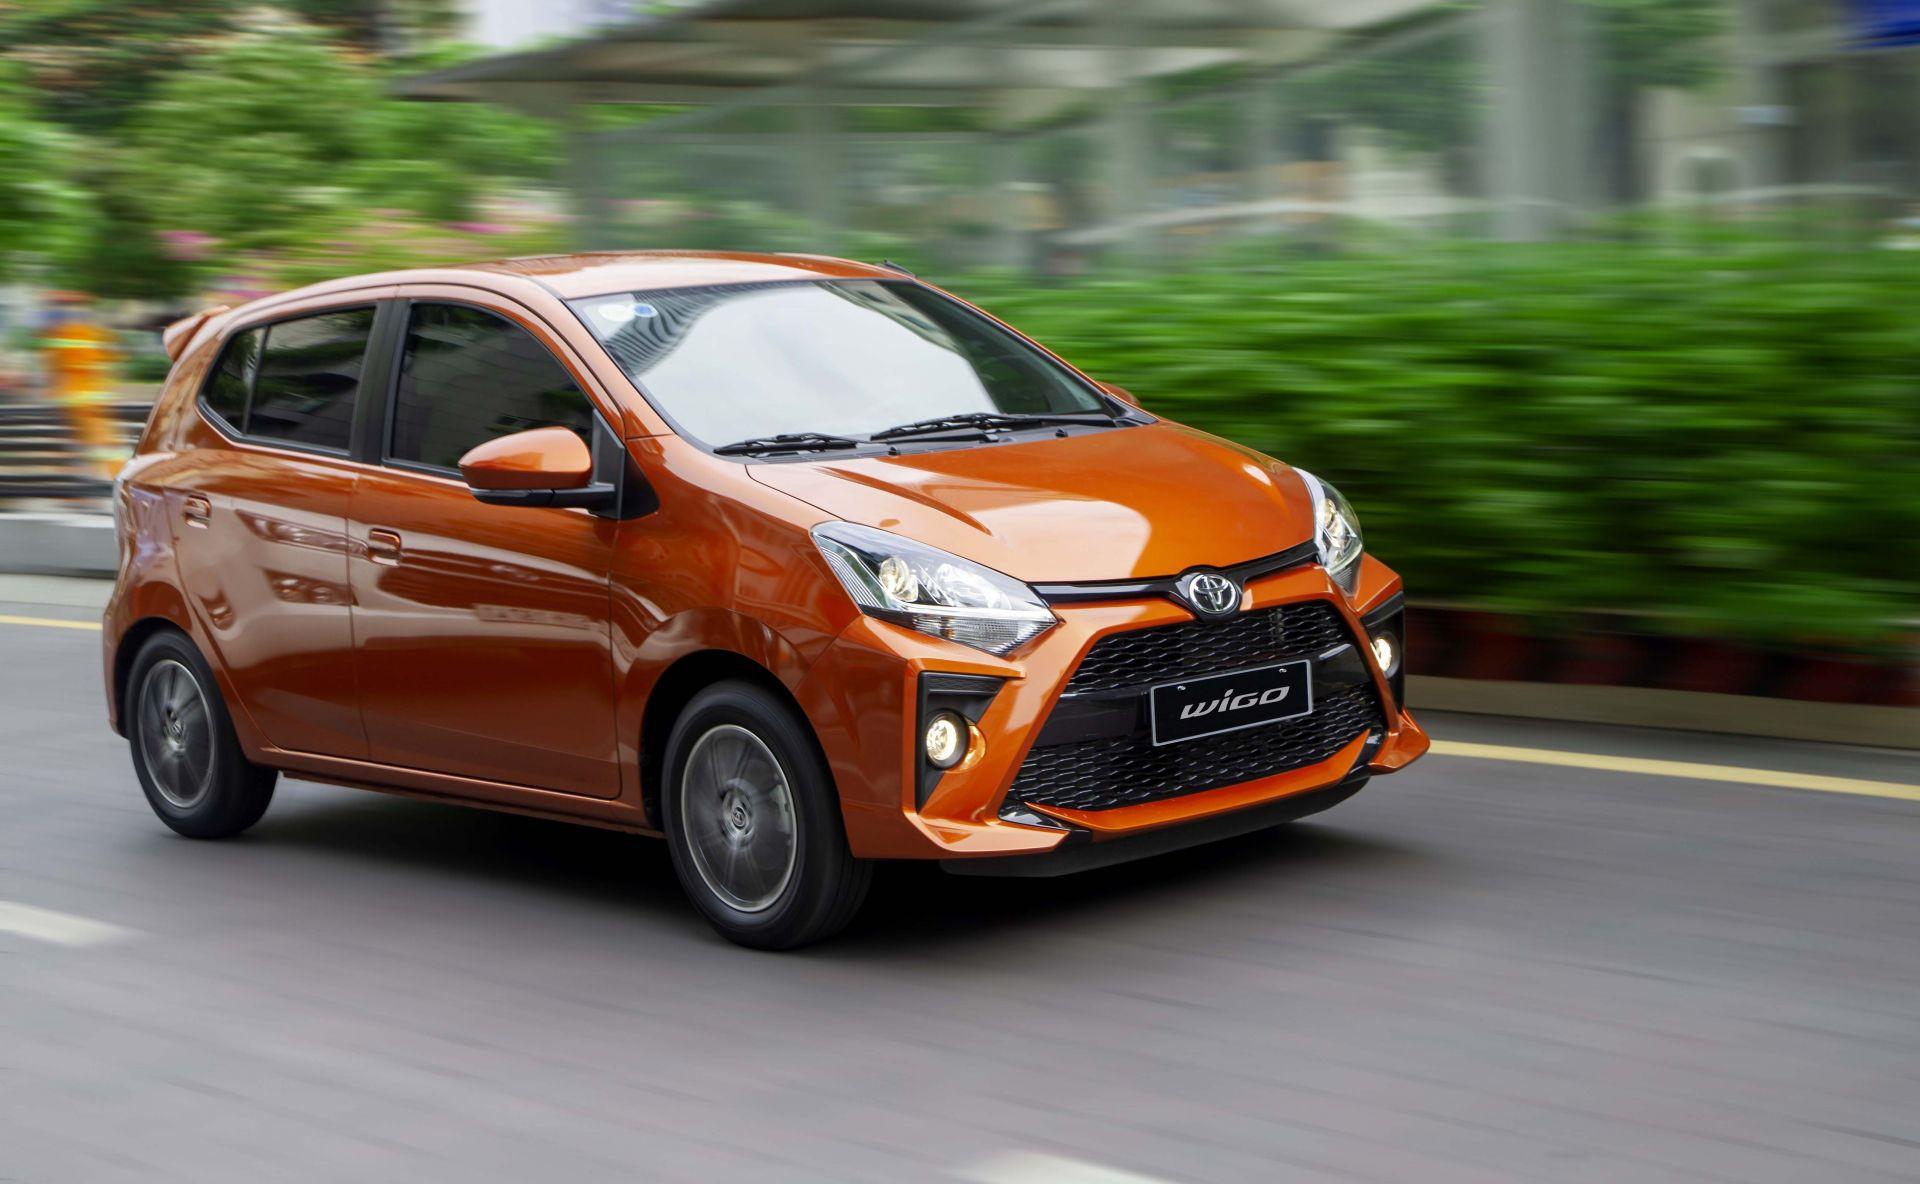 Toyota Wigo vận hành tiét kiệm đi kèm chi phí bảo hành bảo dưỡng hợp lý